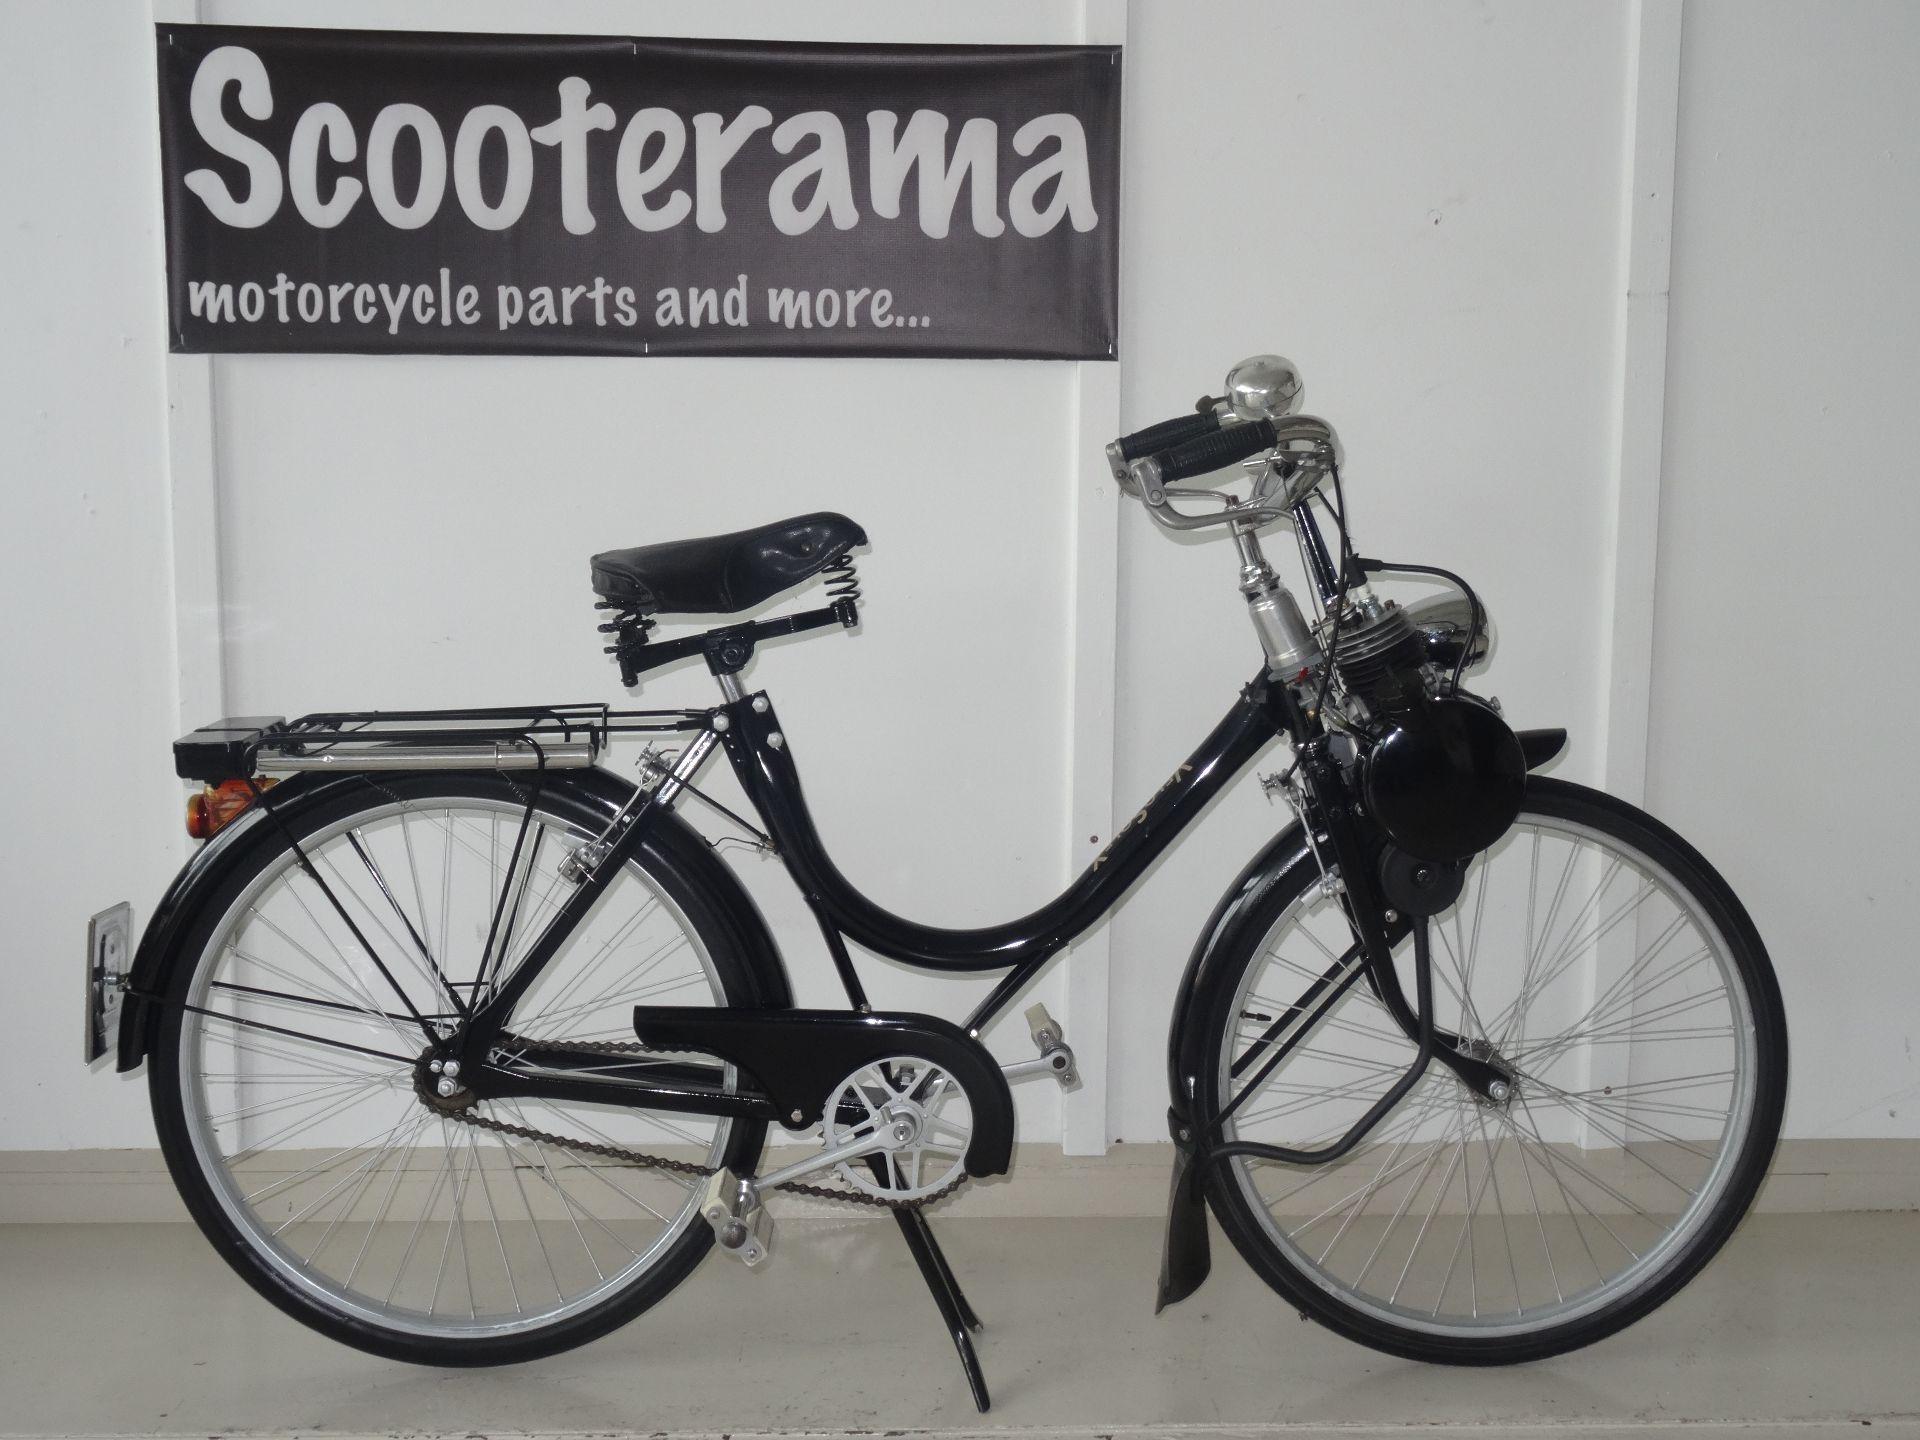 motorrad occasion kaufen velosolex alle velosolex scooterama gmbh herzogenbuchsee. Black Bedroom Furniture Sets. Home Design Ideas